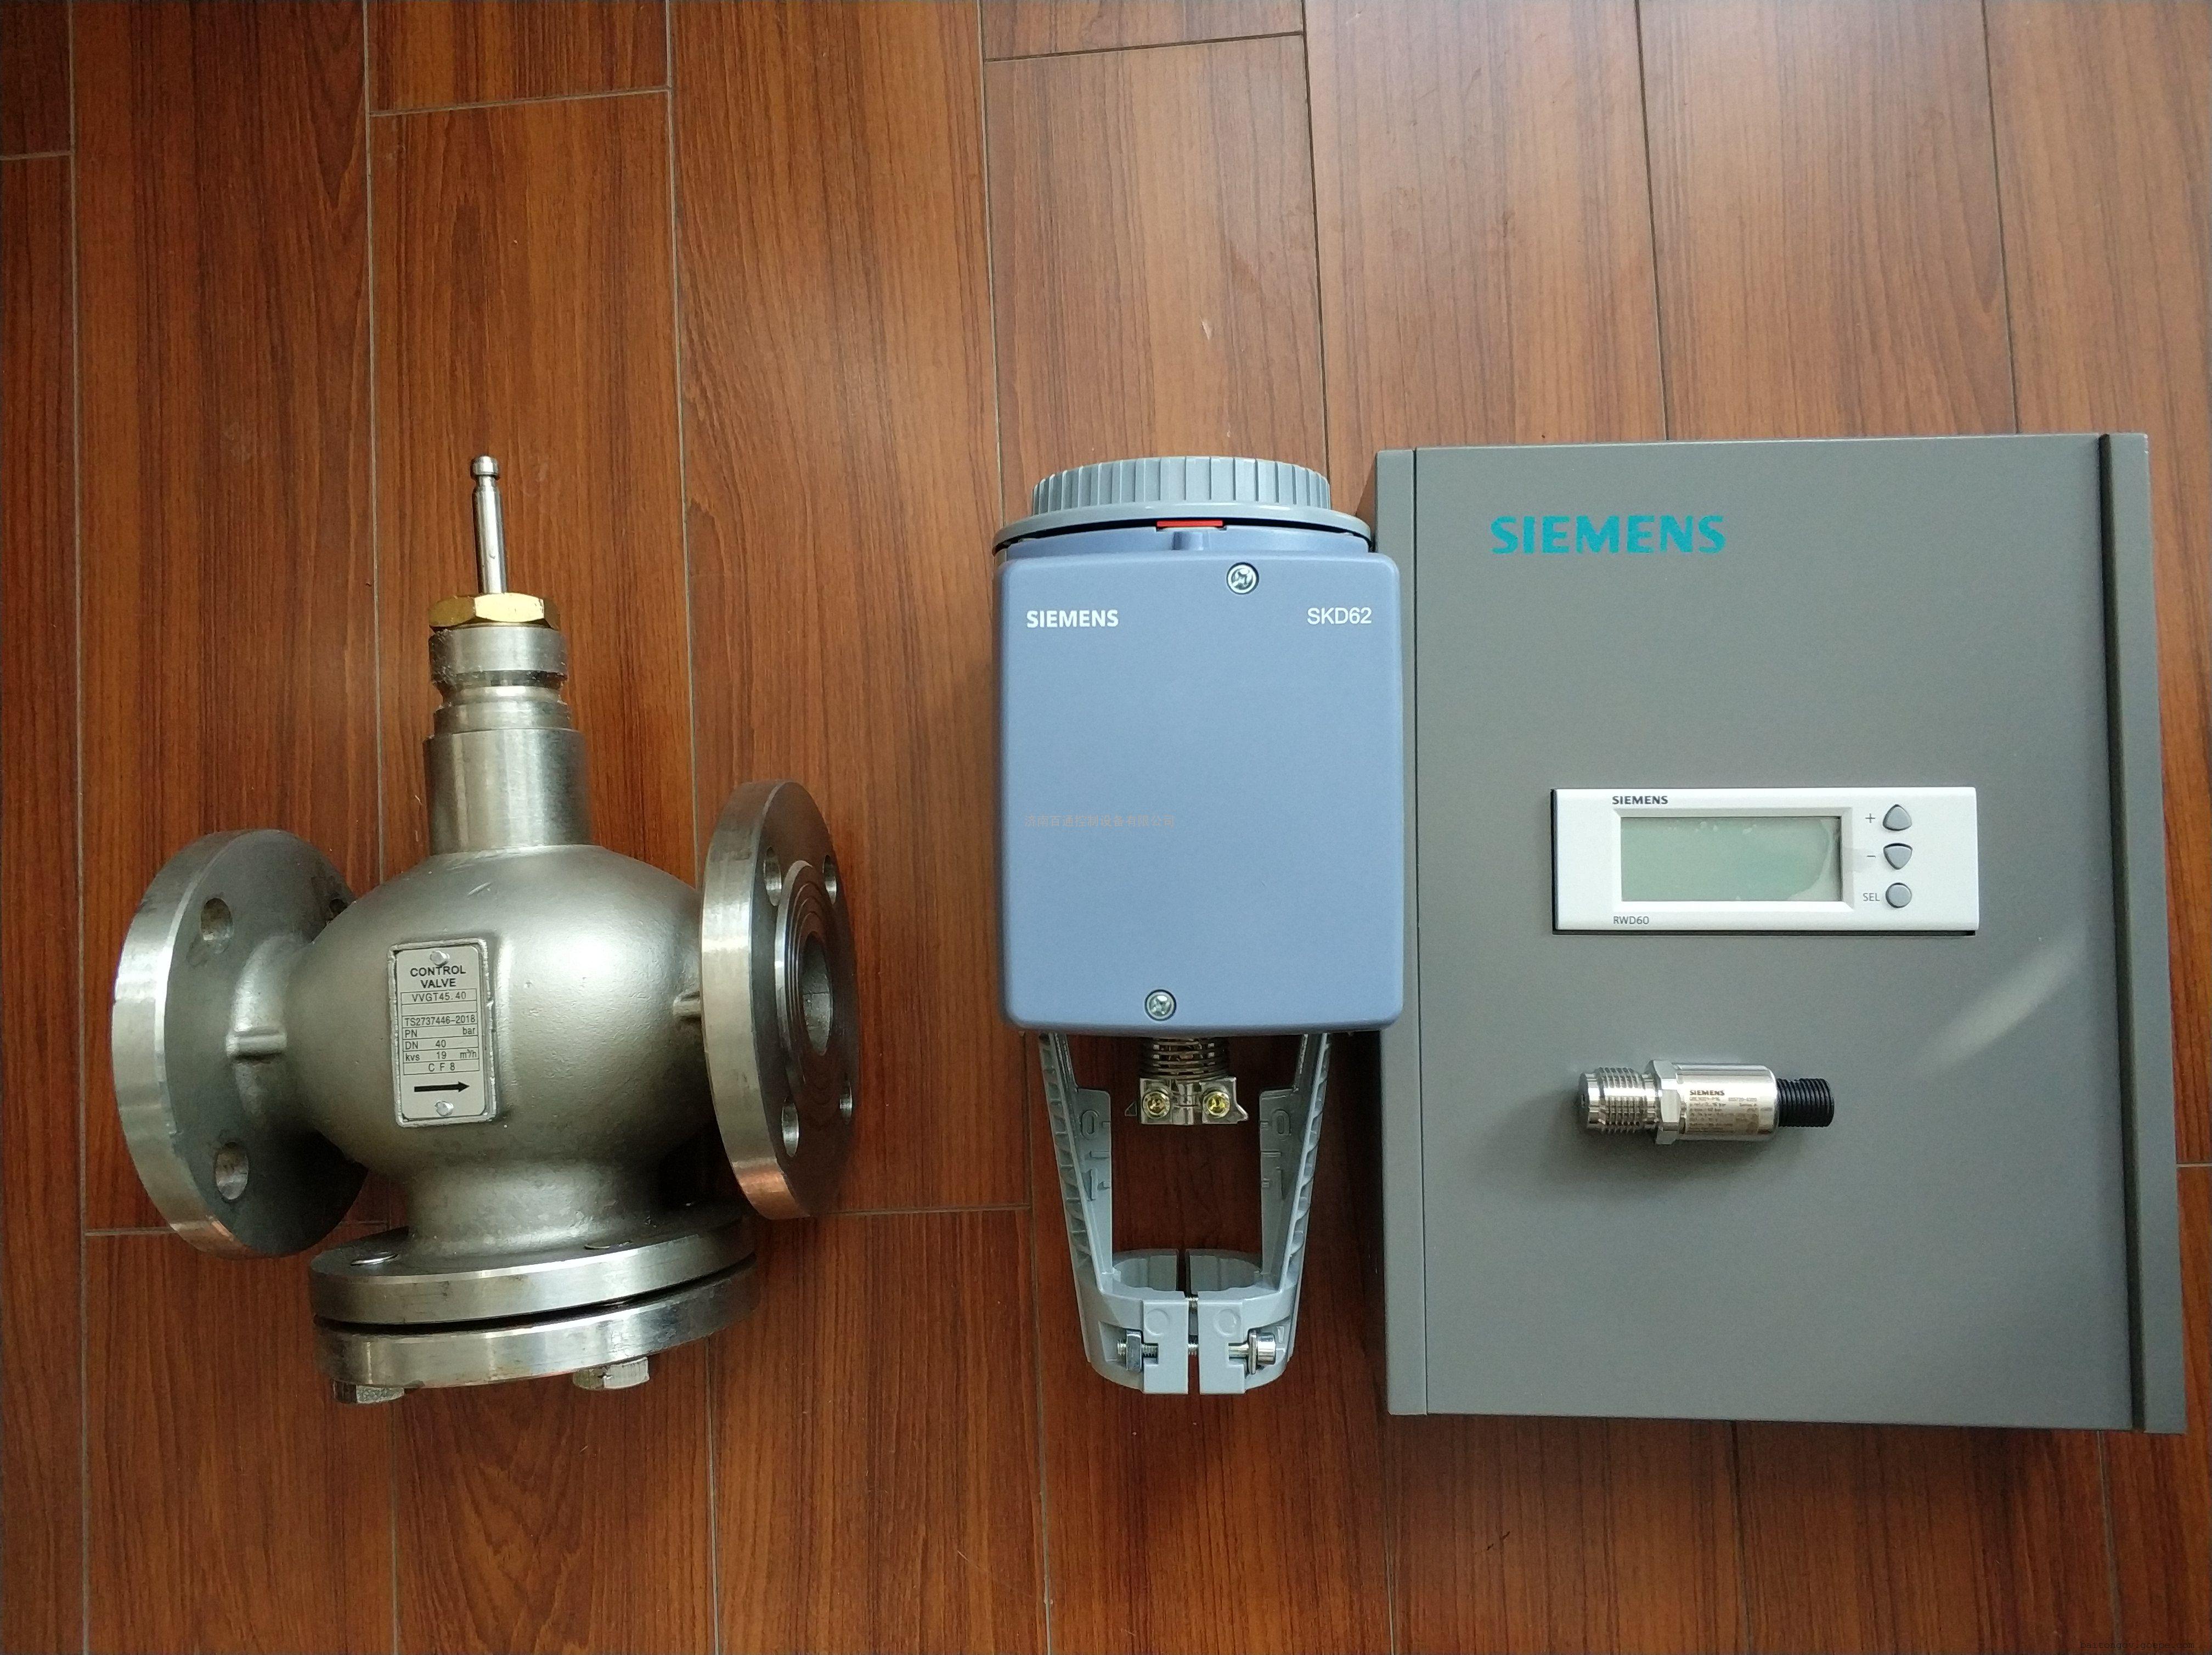 西门子电动减压阀 dn40国产不锈钢阀体 西门子原装执行器skd62图片